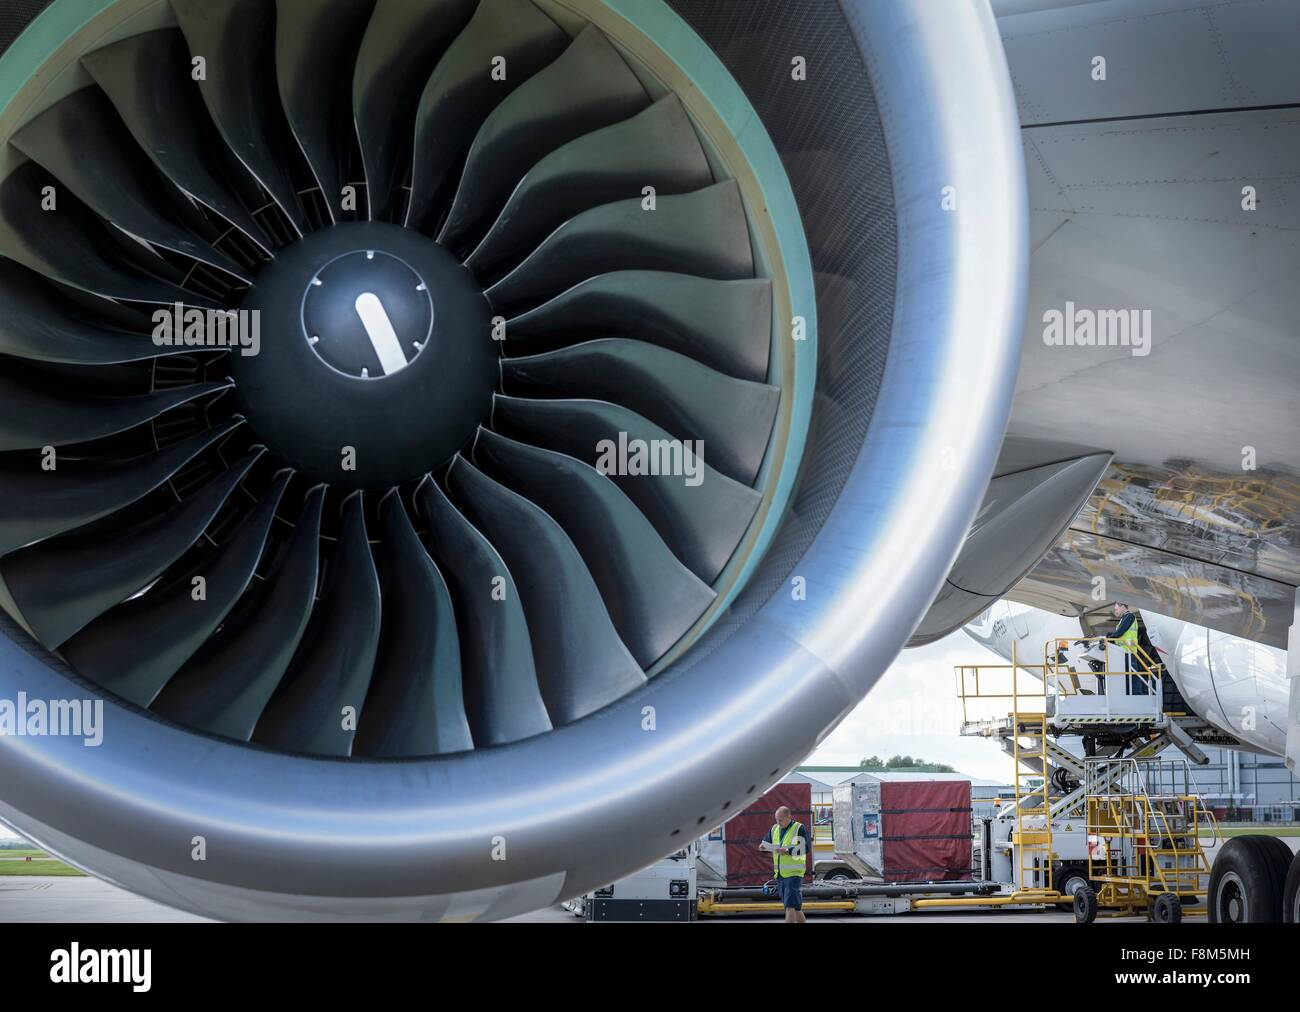 Cierre de turbina de chorro en aviones A380 Imagen De Stock